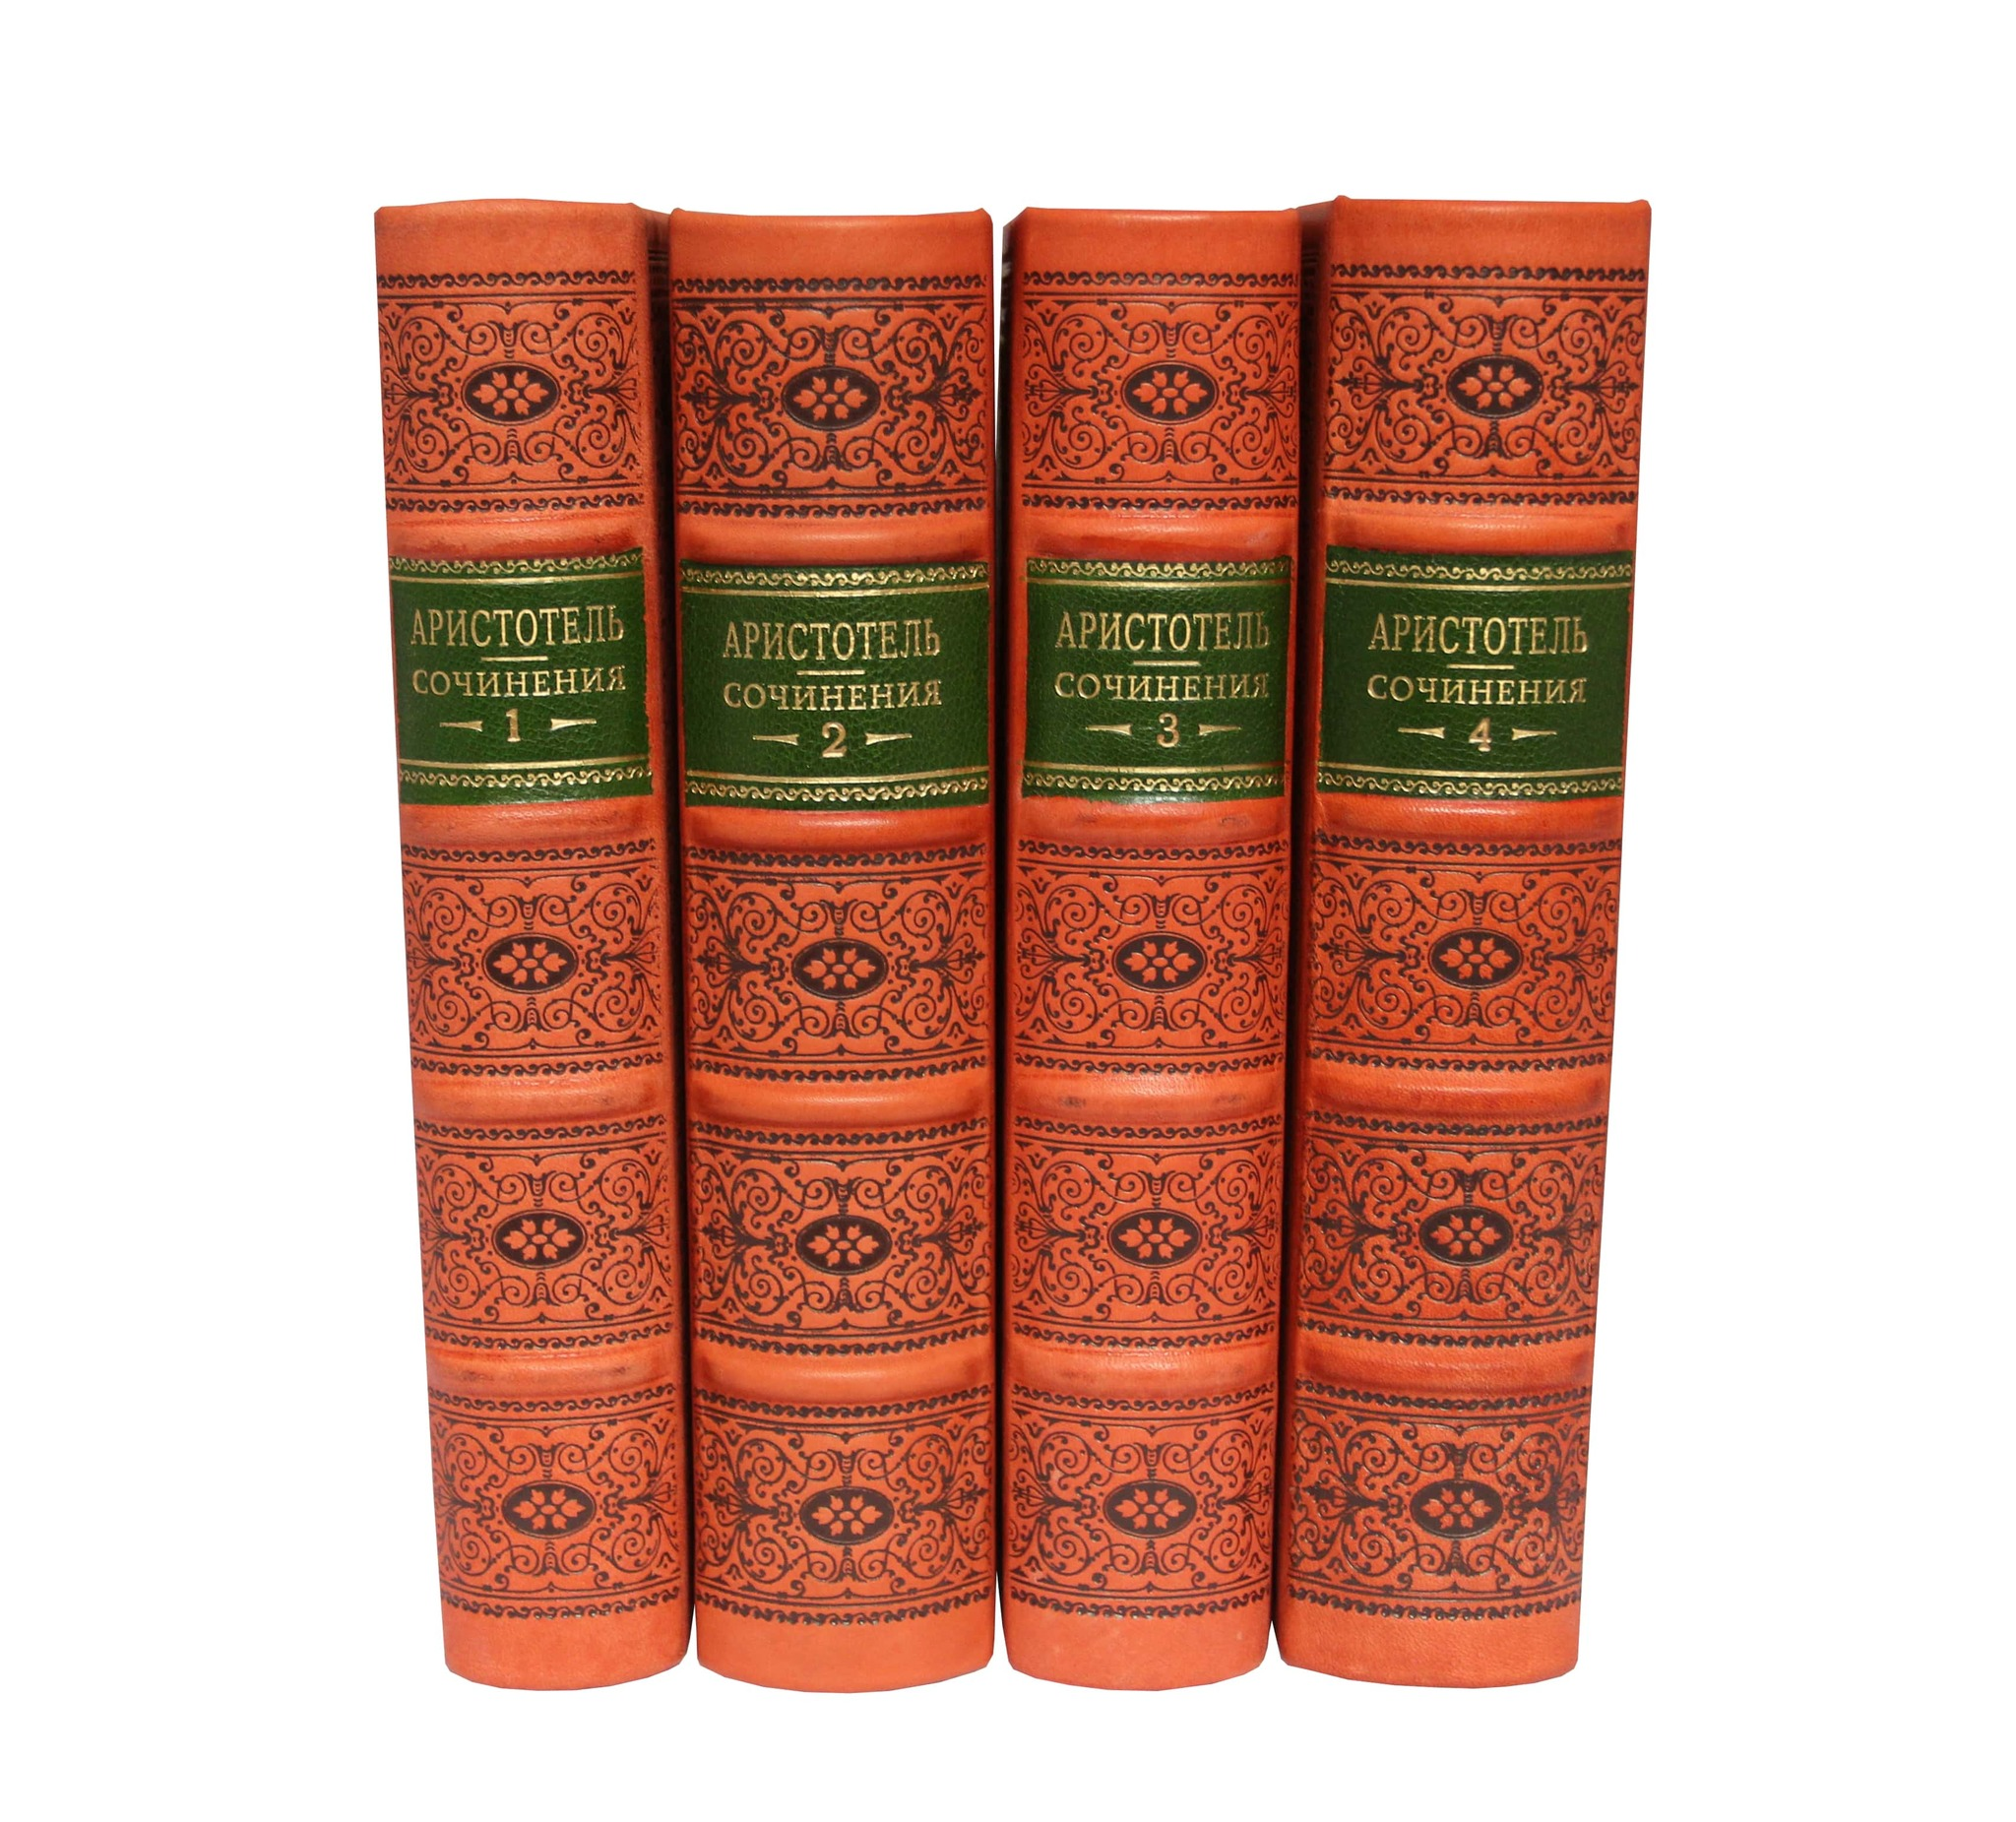 Аристотель. Собрание сочинений в 4 томах